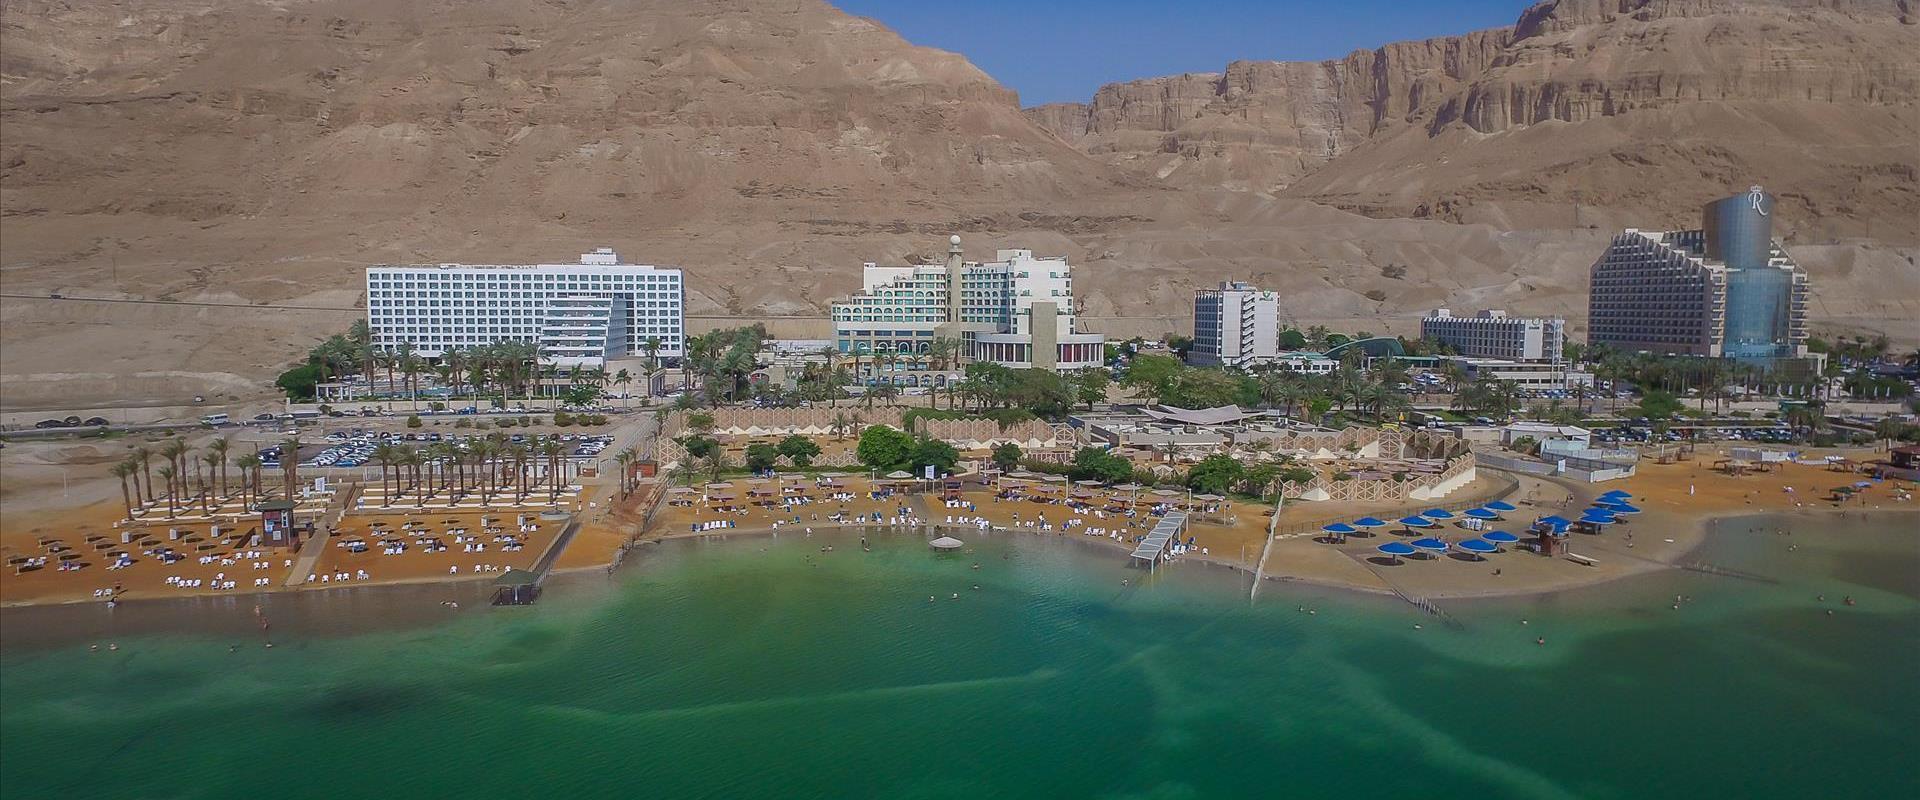 המלונות בים המלח